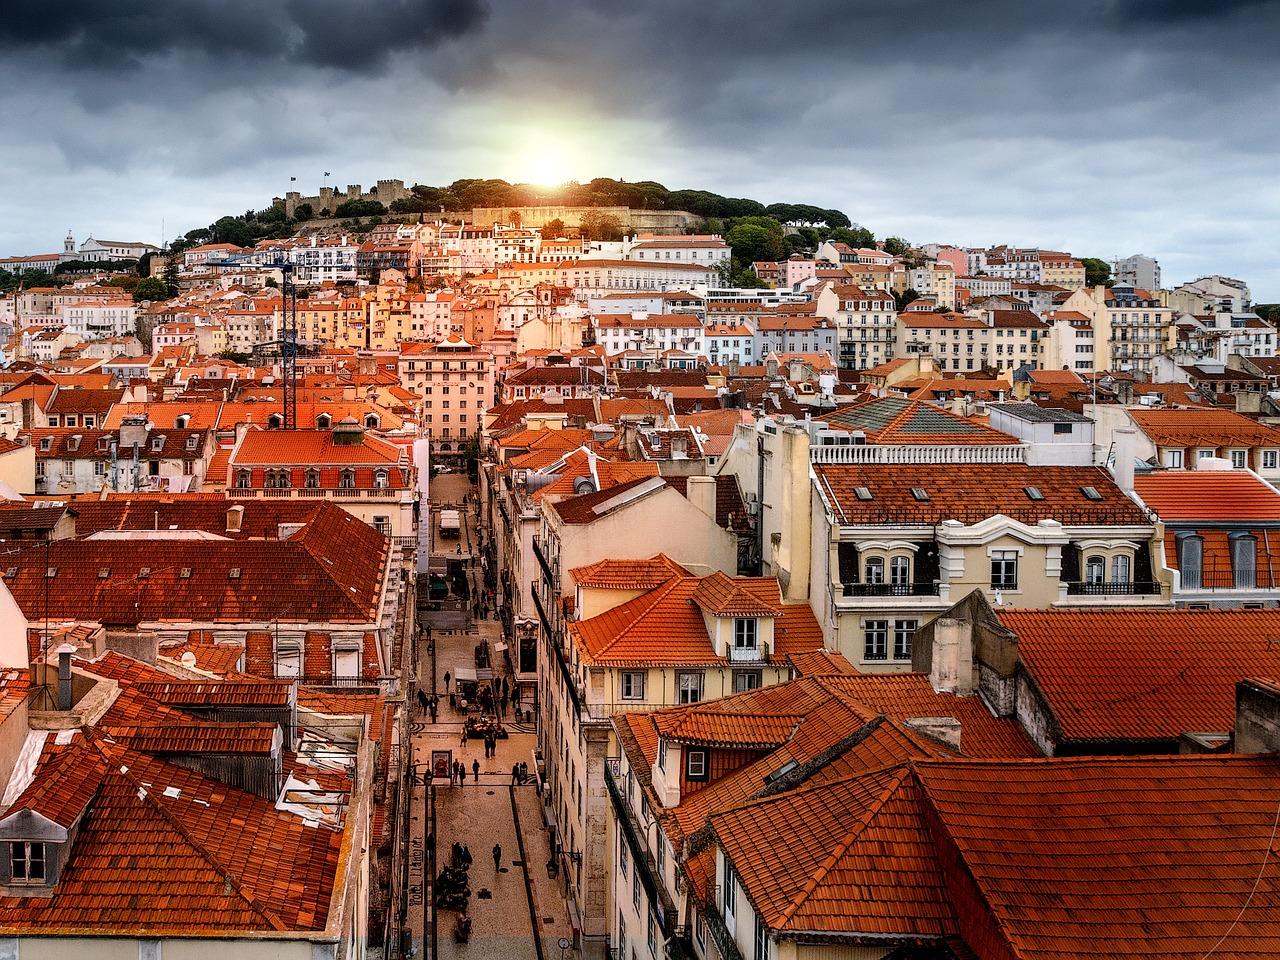 Landausflug in Lissabon: Stimmungsvolles Panorama von Lissabon